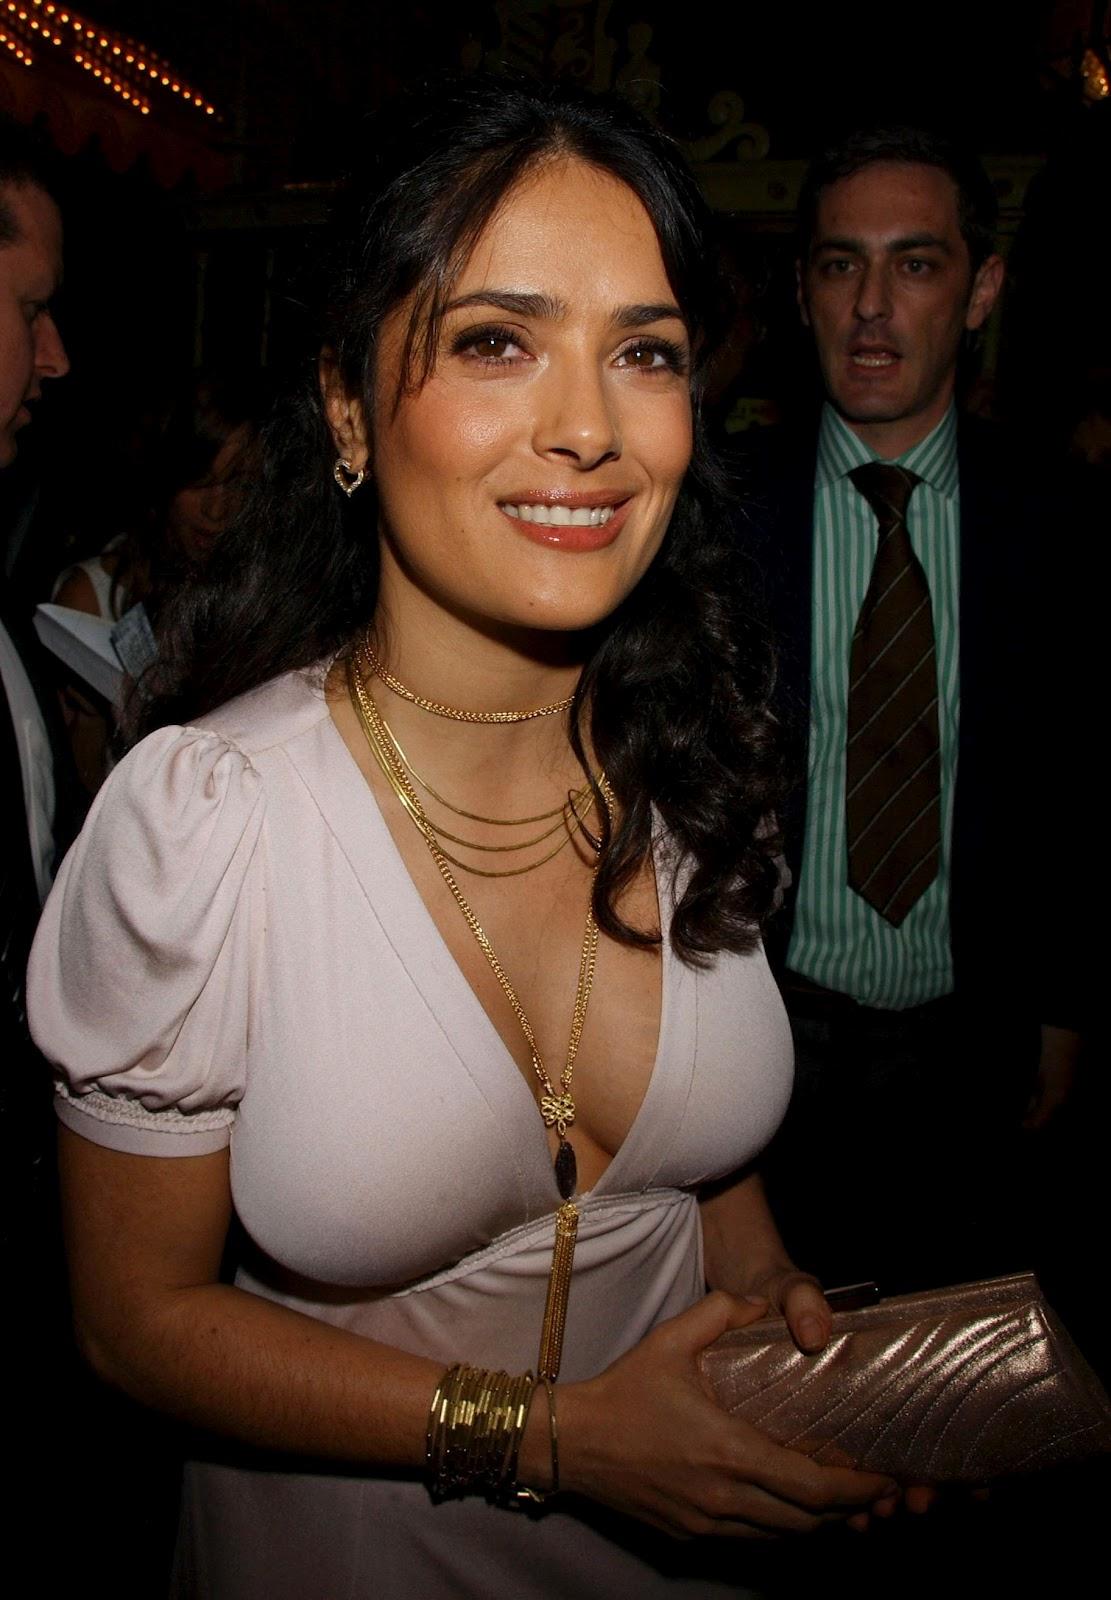 Celebrity Bra Size Salma Hayek -95D 36C-2527